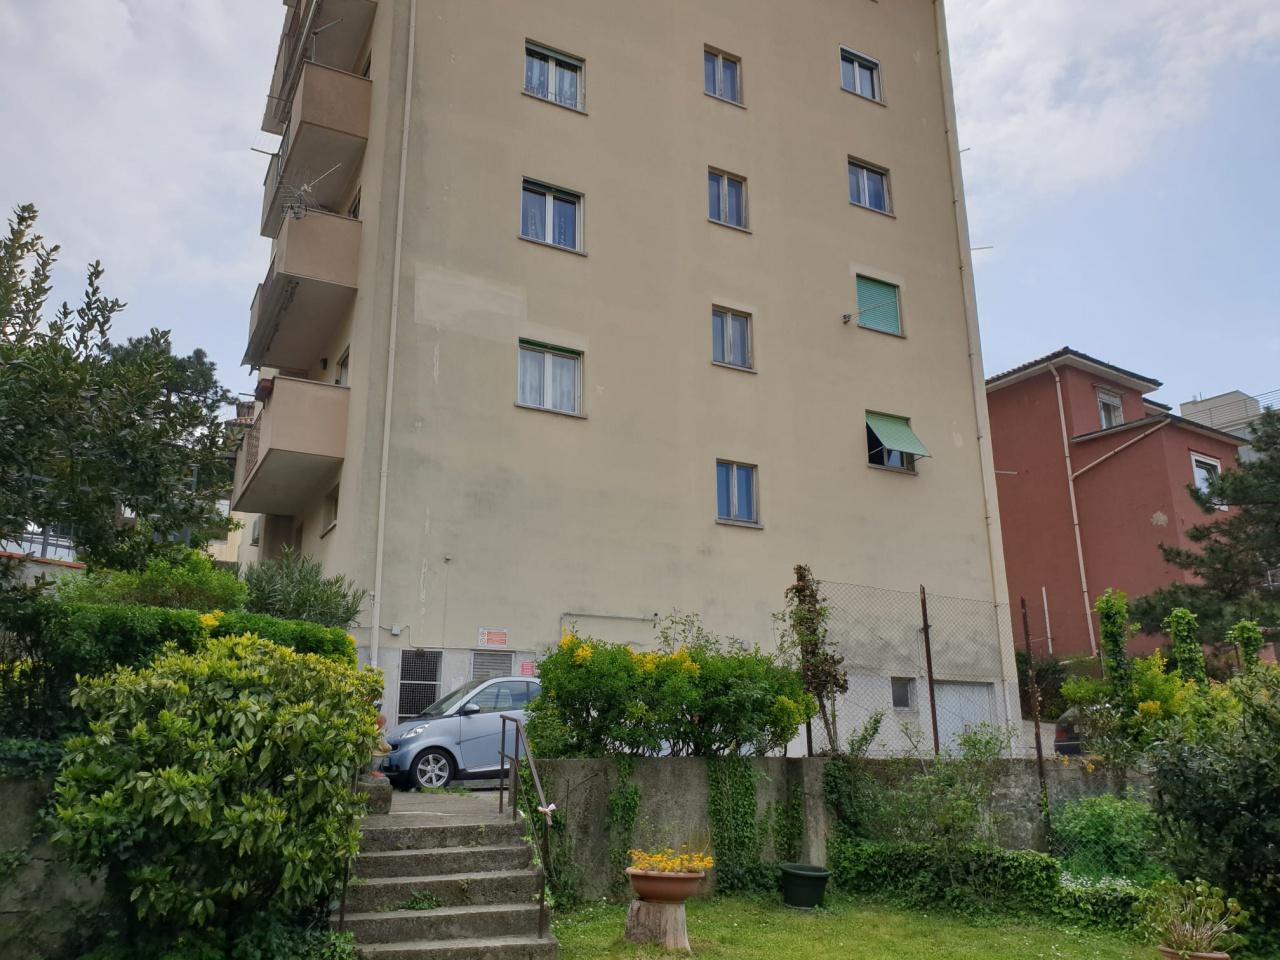 Appartamento  Vendita Trieste  - Semicentro